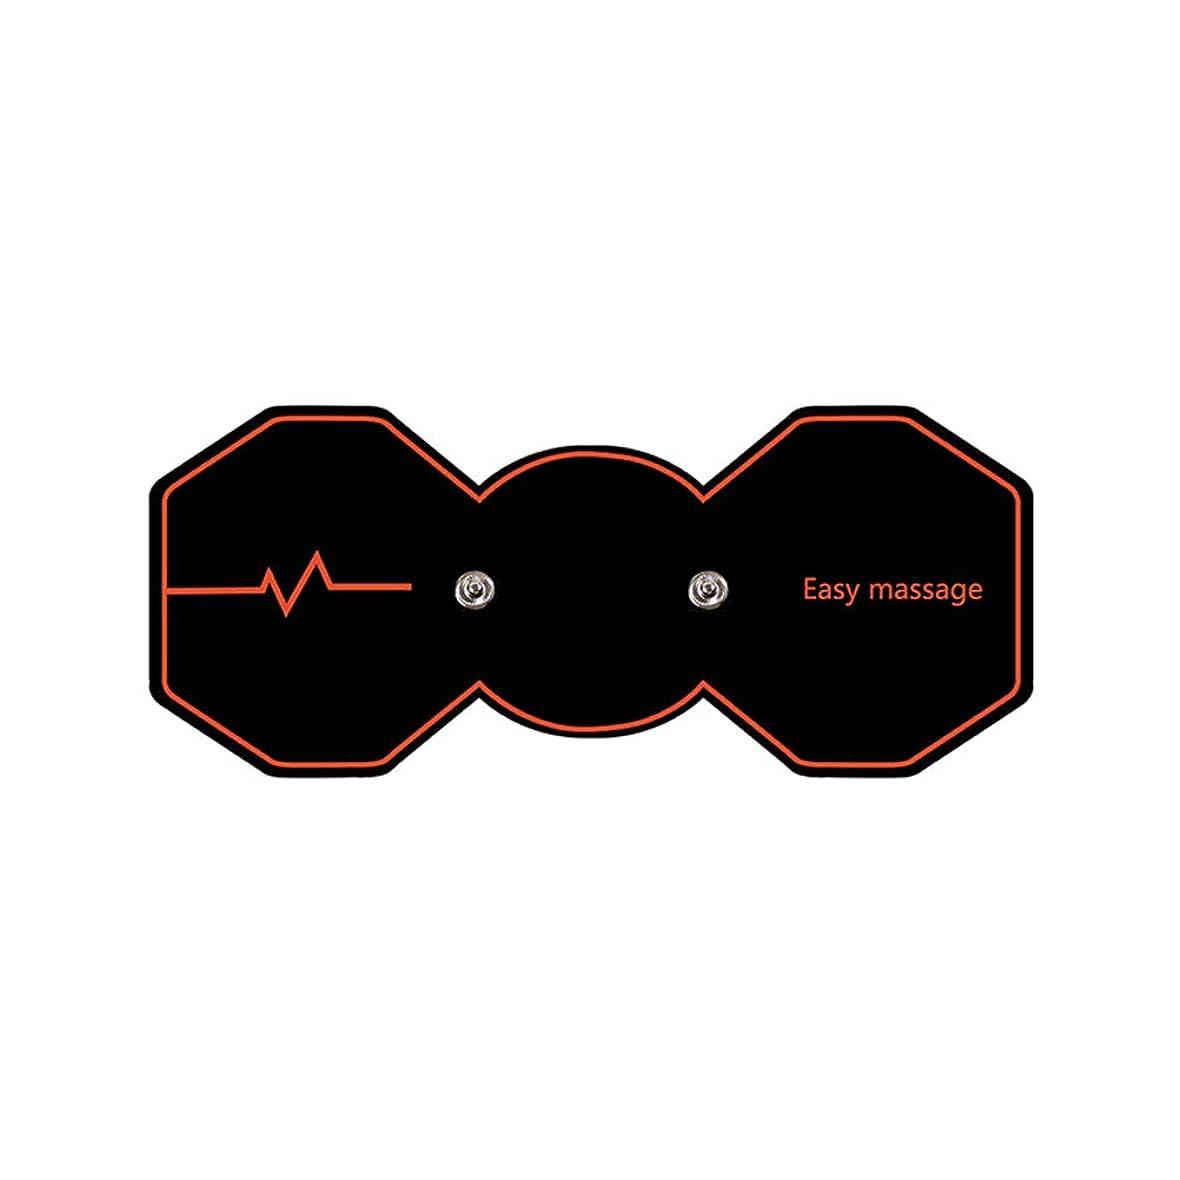 シェーバー神経障害バーマドHealifty 電気マッサージパッド電気痩身パッドボディ痩身筋肉マッサージャー(ブラック)